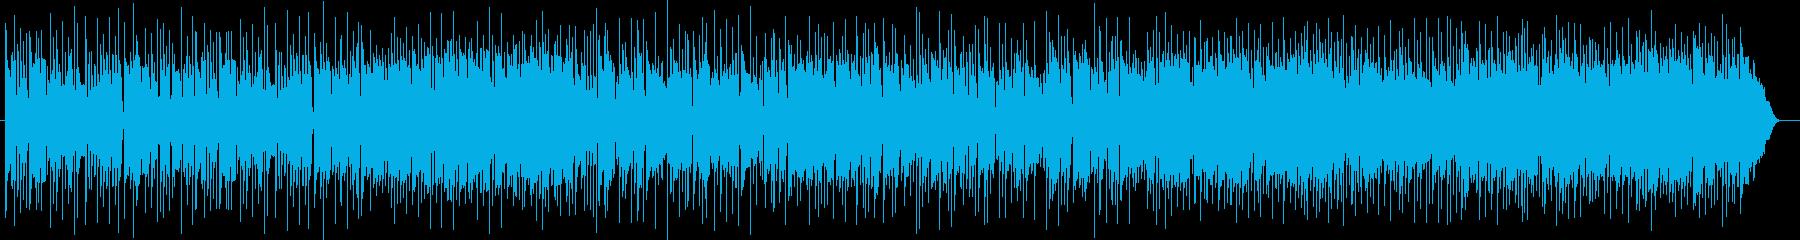 ミディアムテンポのギターサウンドの再生済みの波形